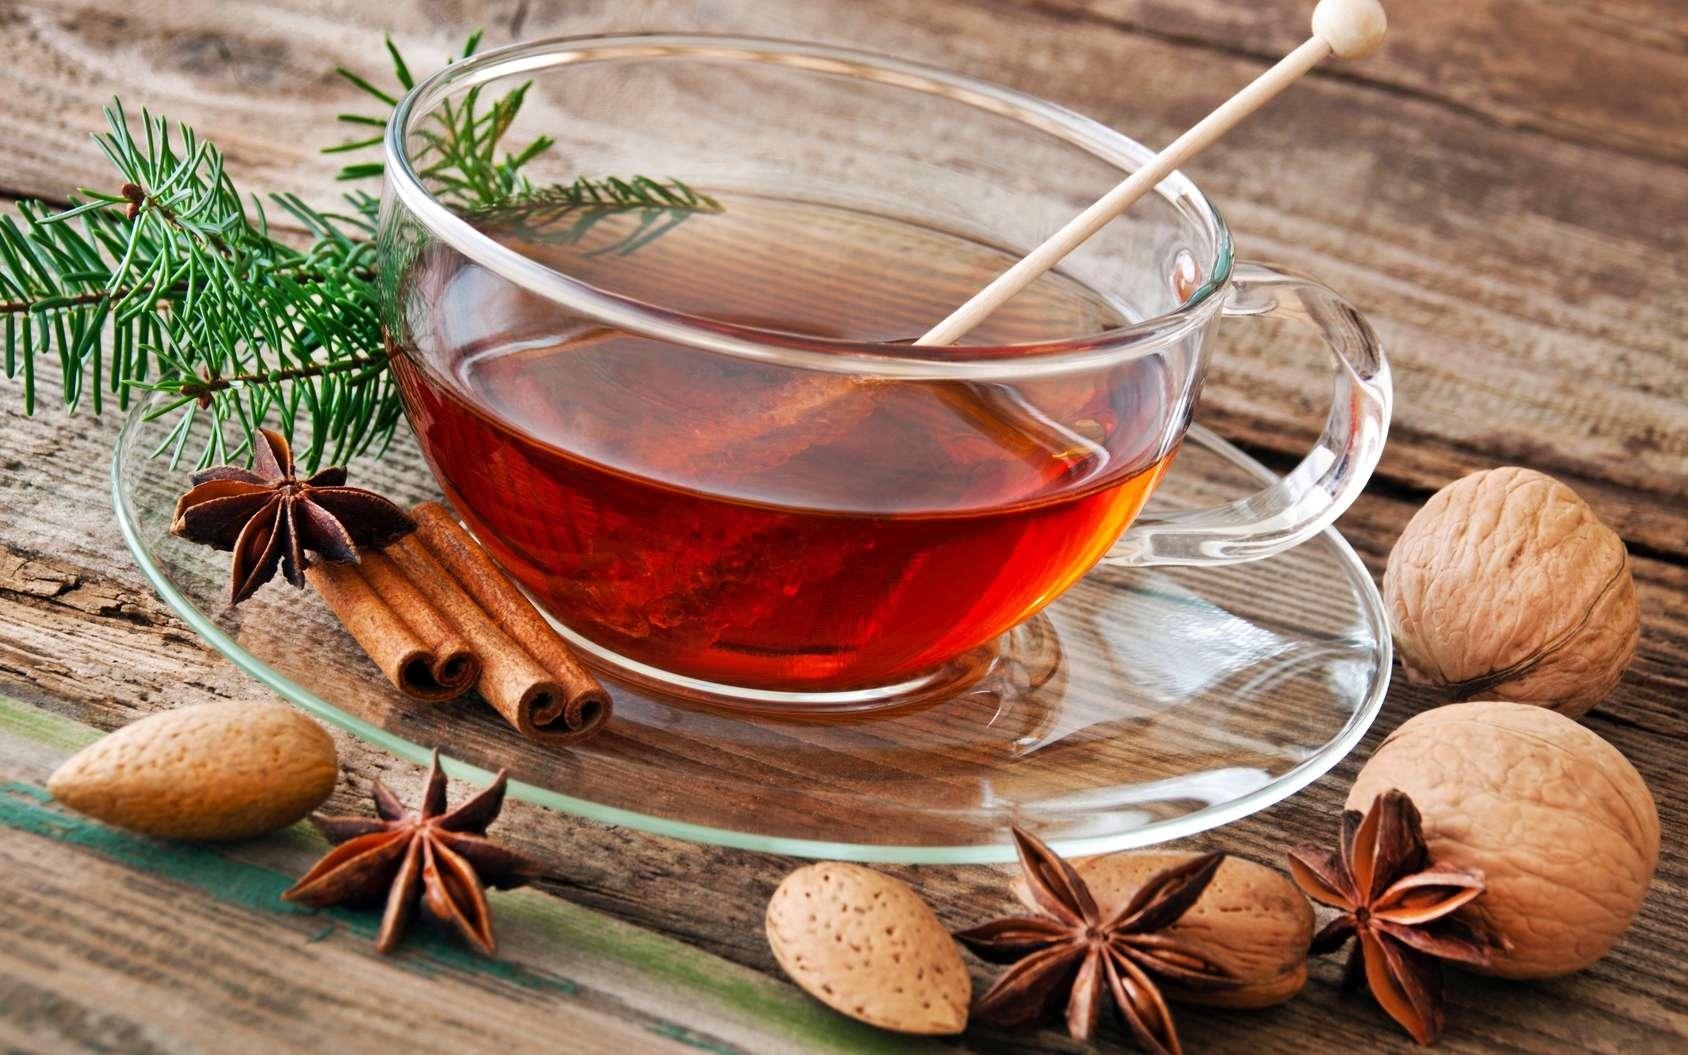 Le thé est la boisson chaude la plus consommée au monde. © PhotoSG, Fotolia